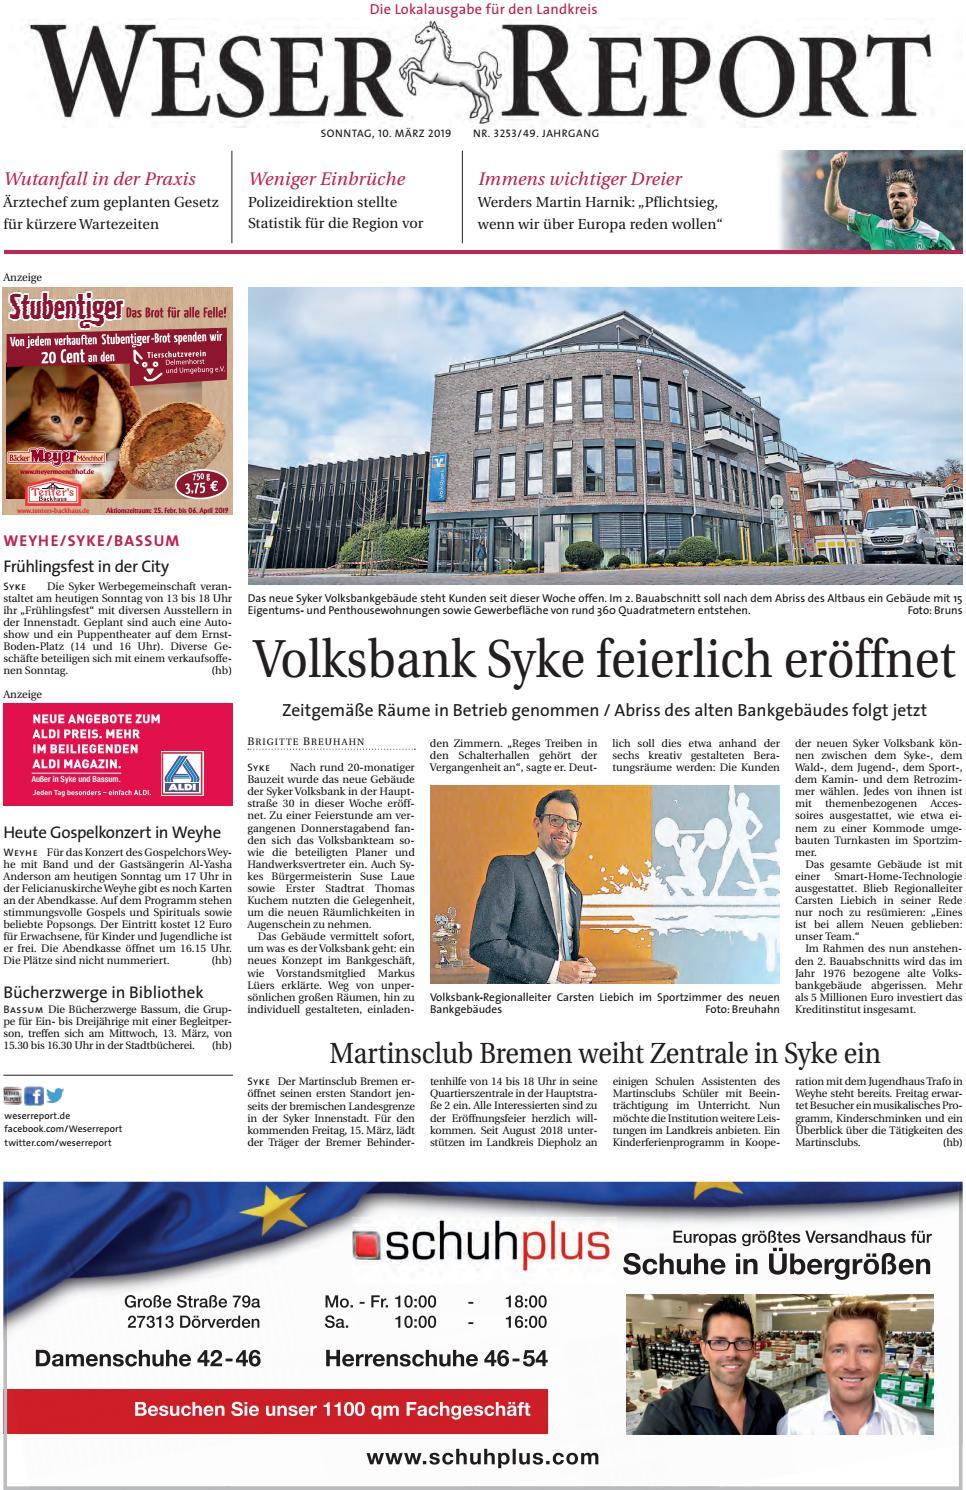 Ausdrucksvoll Werbebanner Inkl Gestaltung Mit Dachdecker Dach Firma Dach Klempner bbd-01